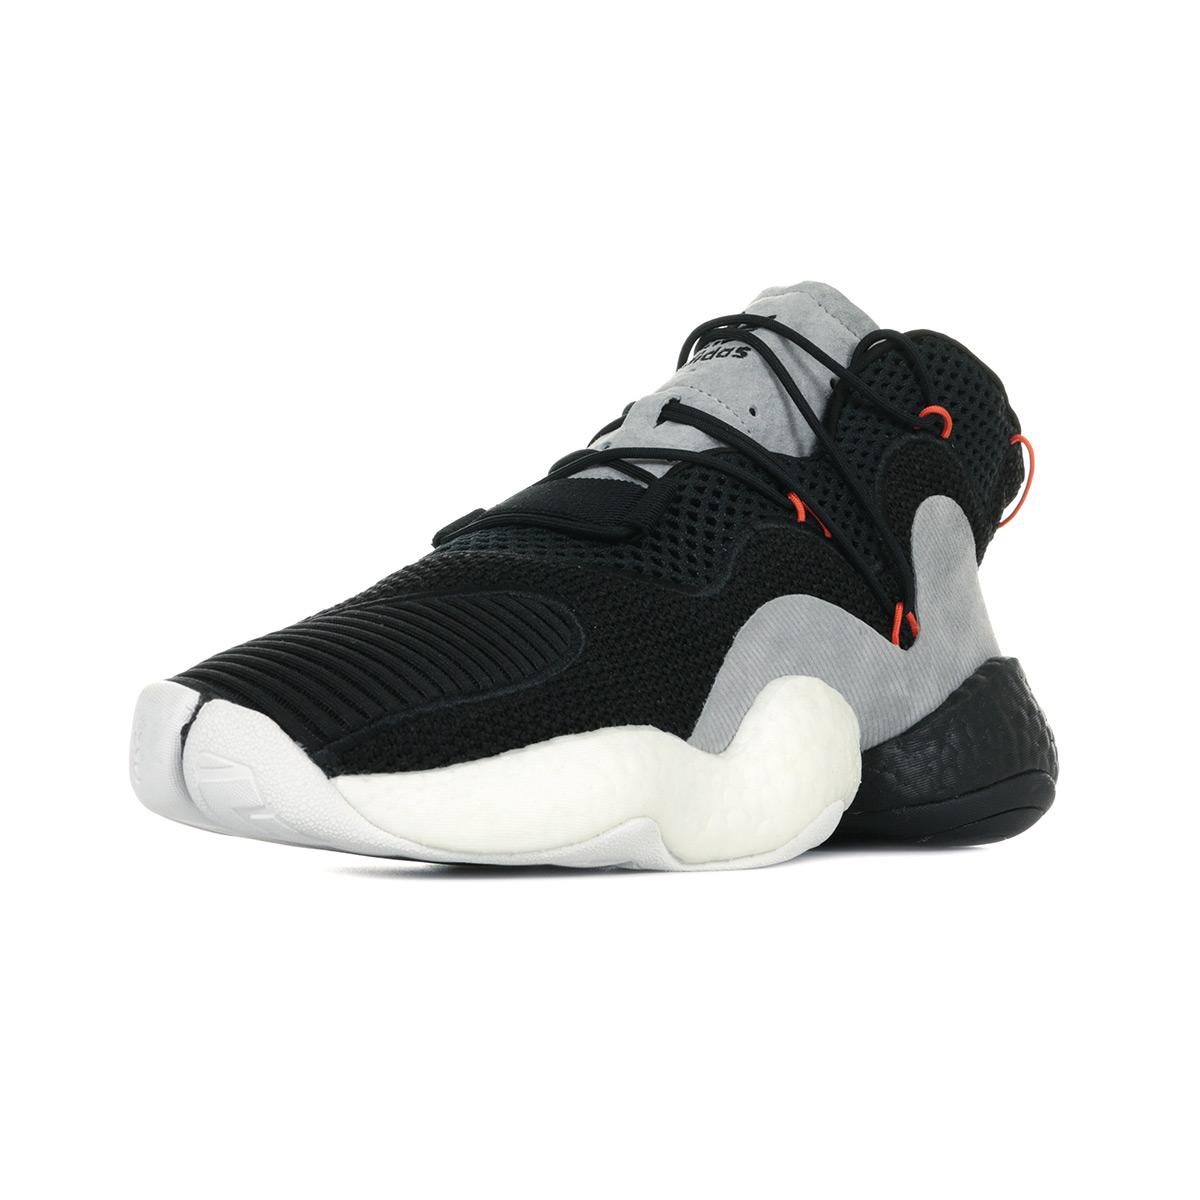 Détails sur Chaussures Baskets adidas homme Crazy BYW Lvl 1 taille Noir Noire Textile Lacets